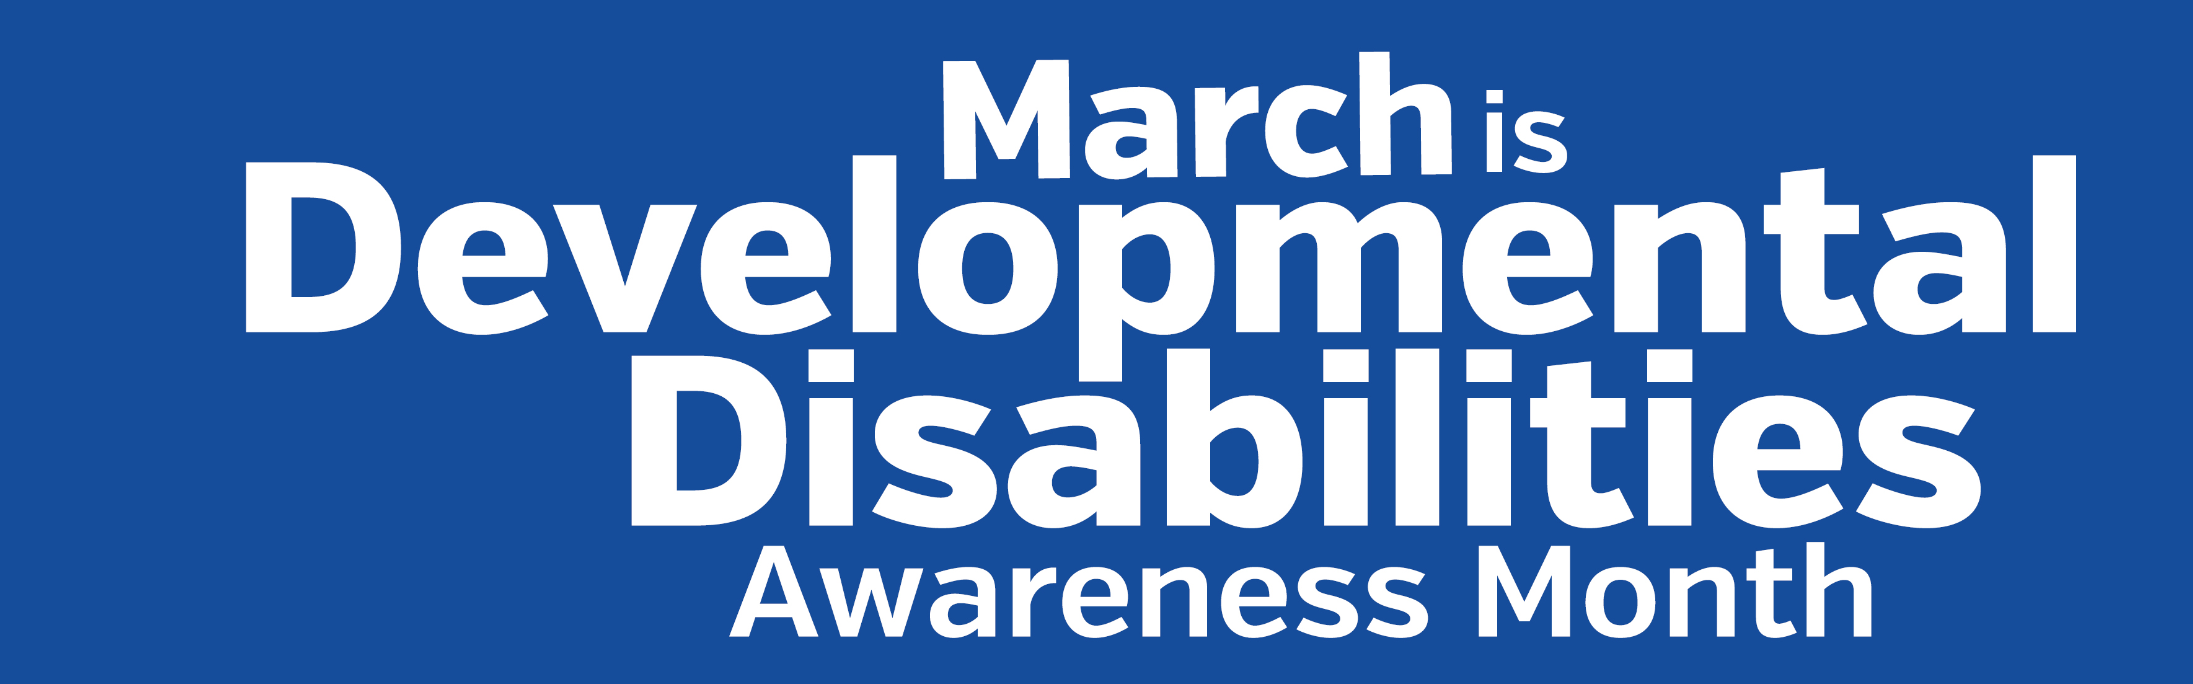 Developmental Disabilities Awareness Month Adaptive Dealer